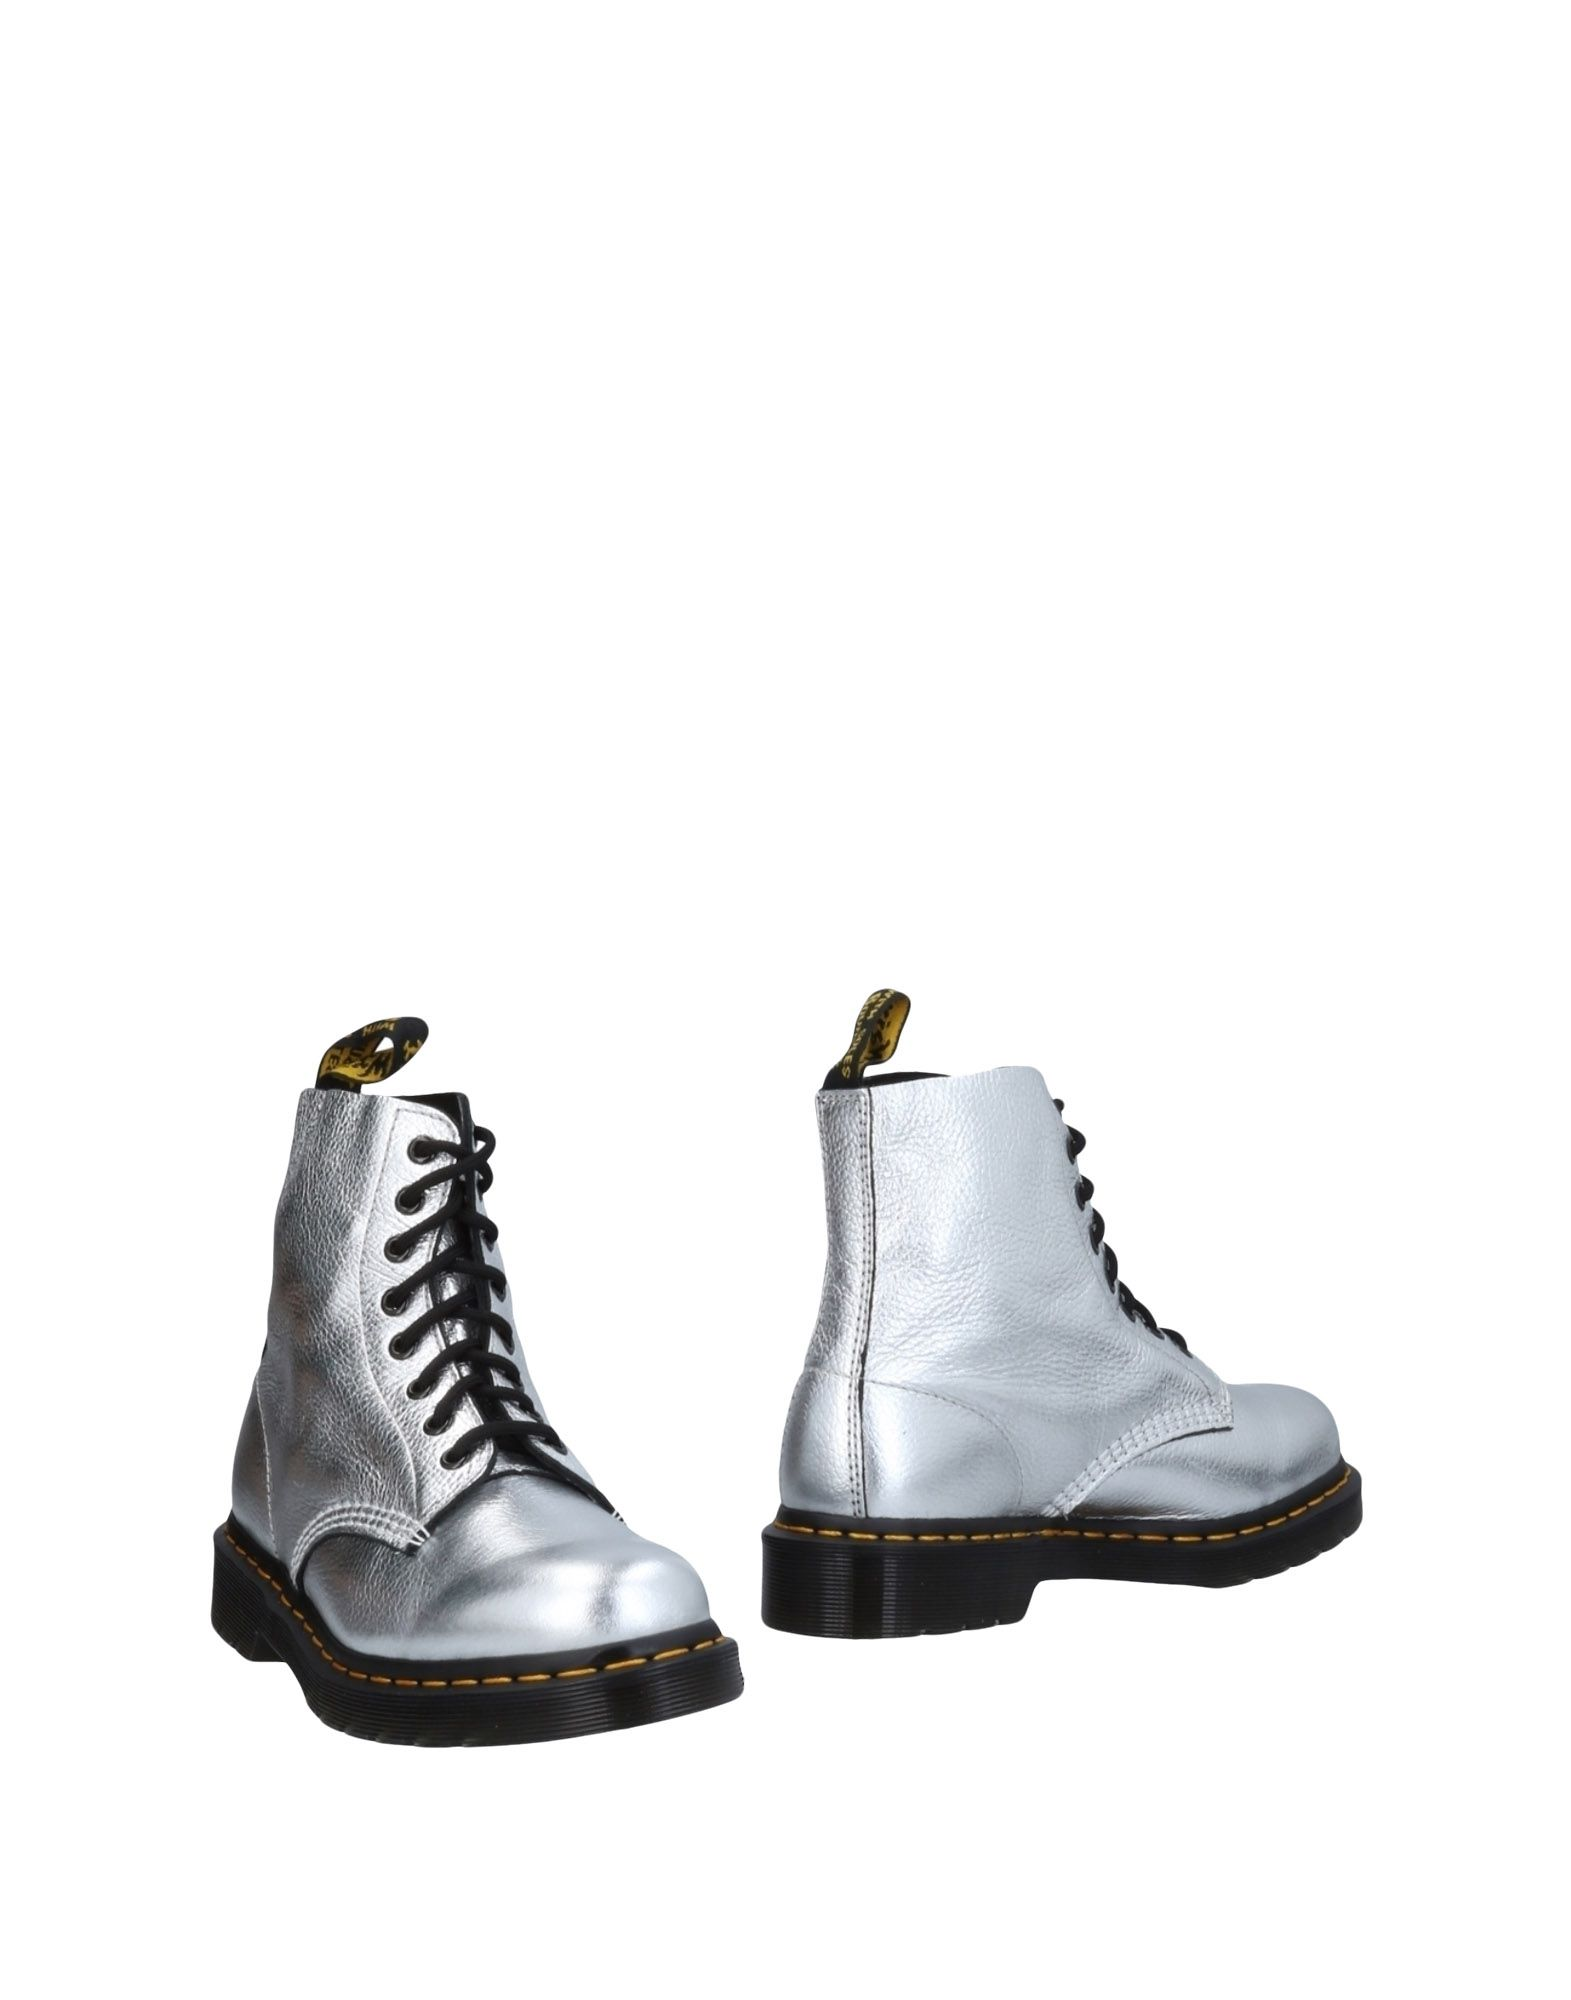 Bottine Dr. Martens Femme - Bottines Dr. Martens Argent Dernières chaussures discount pour hommes et femmes